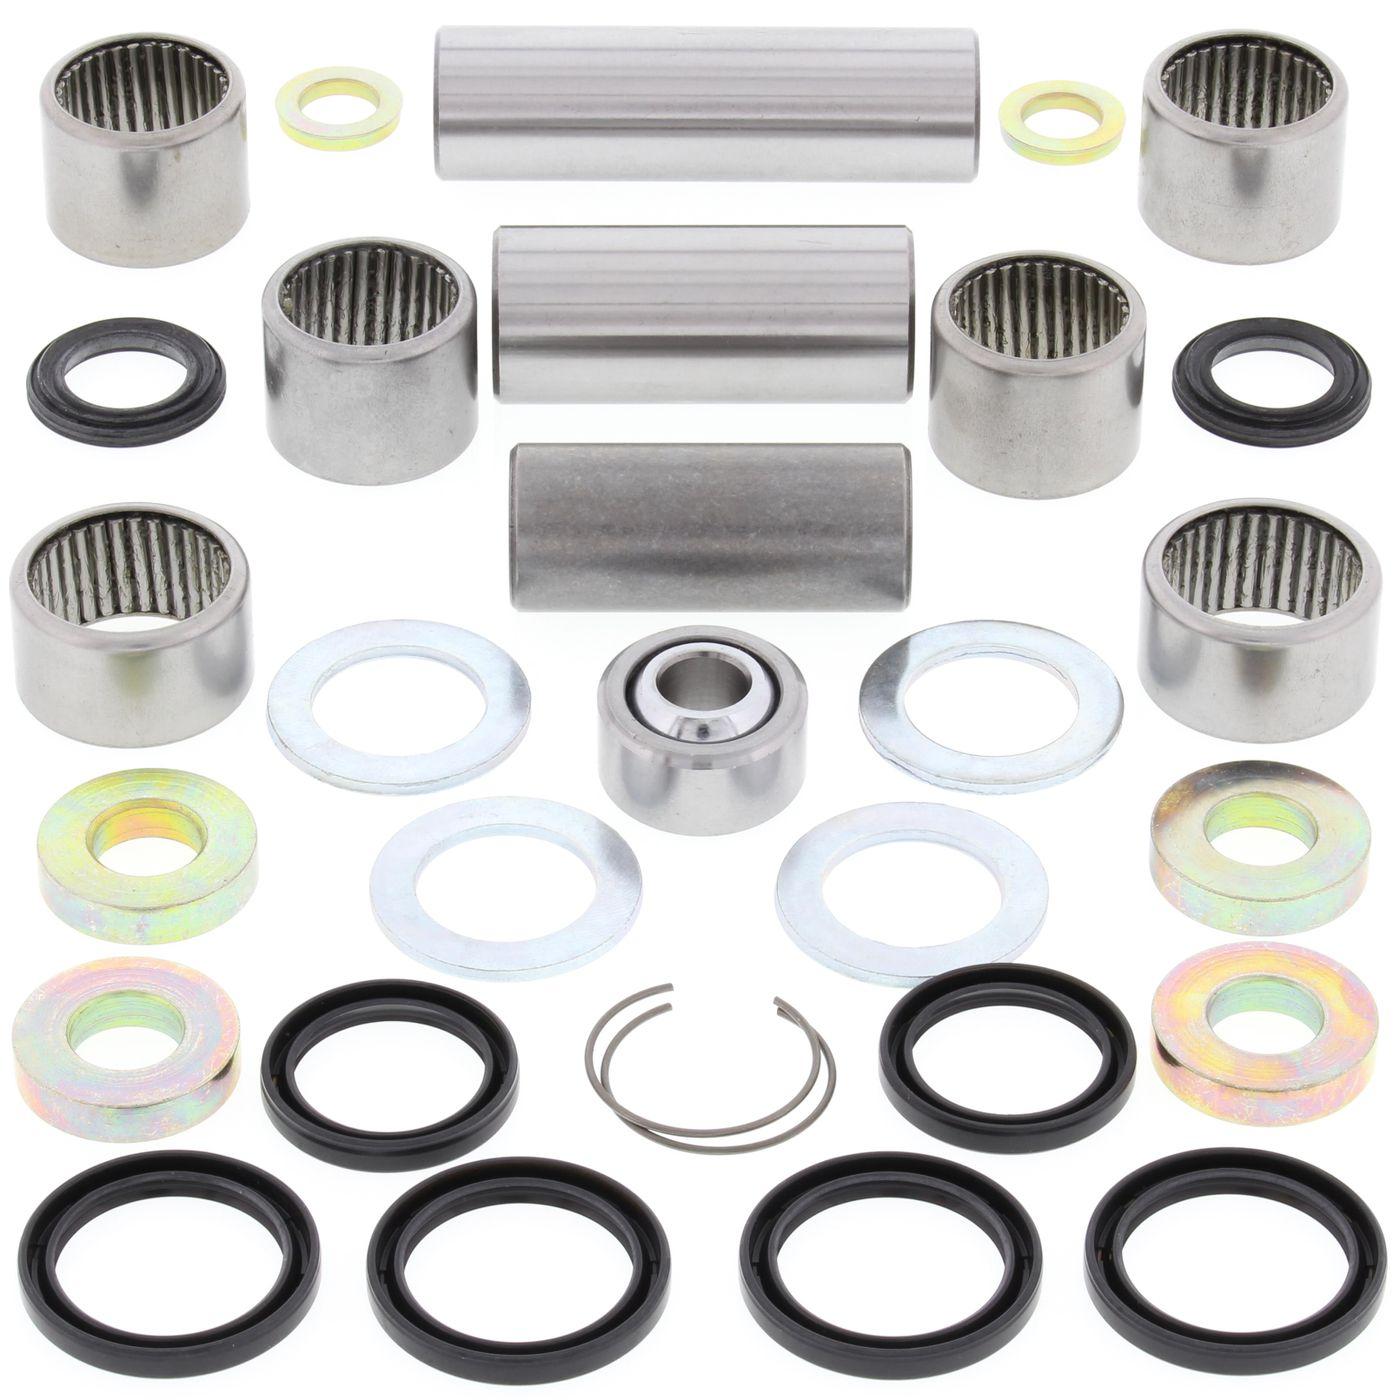 Wrp Shock Linkage Bearing Kits - WRP271019 image